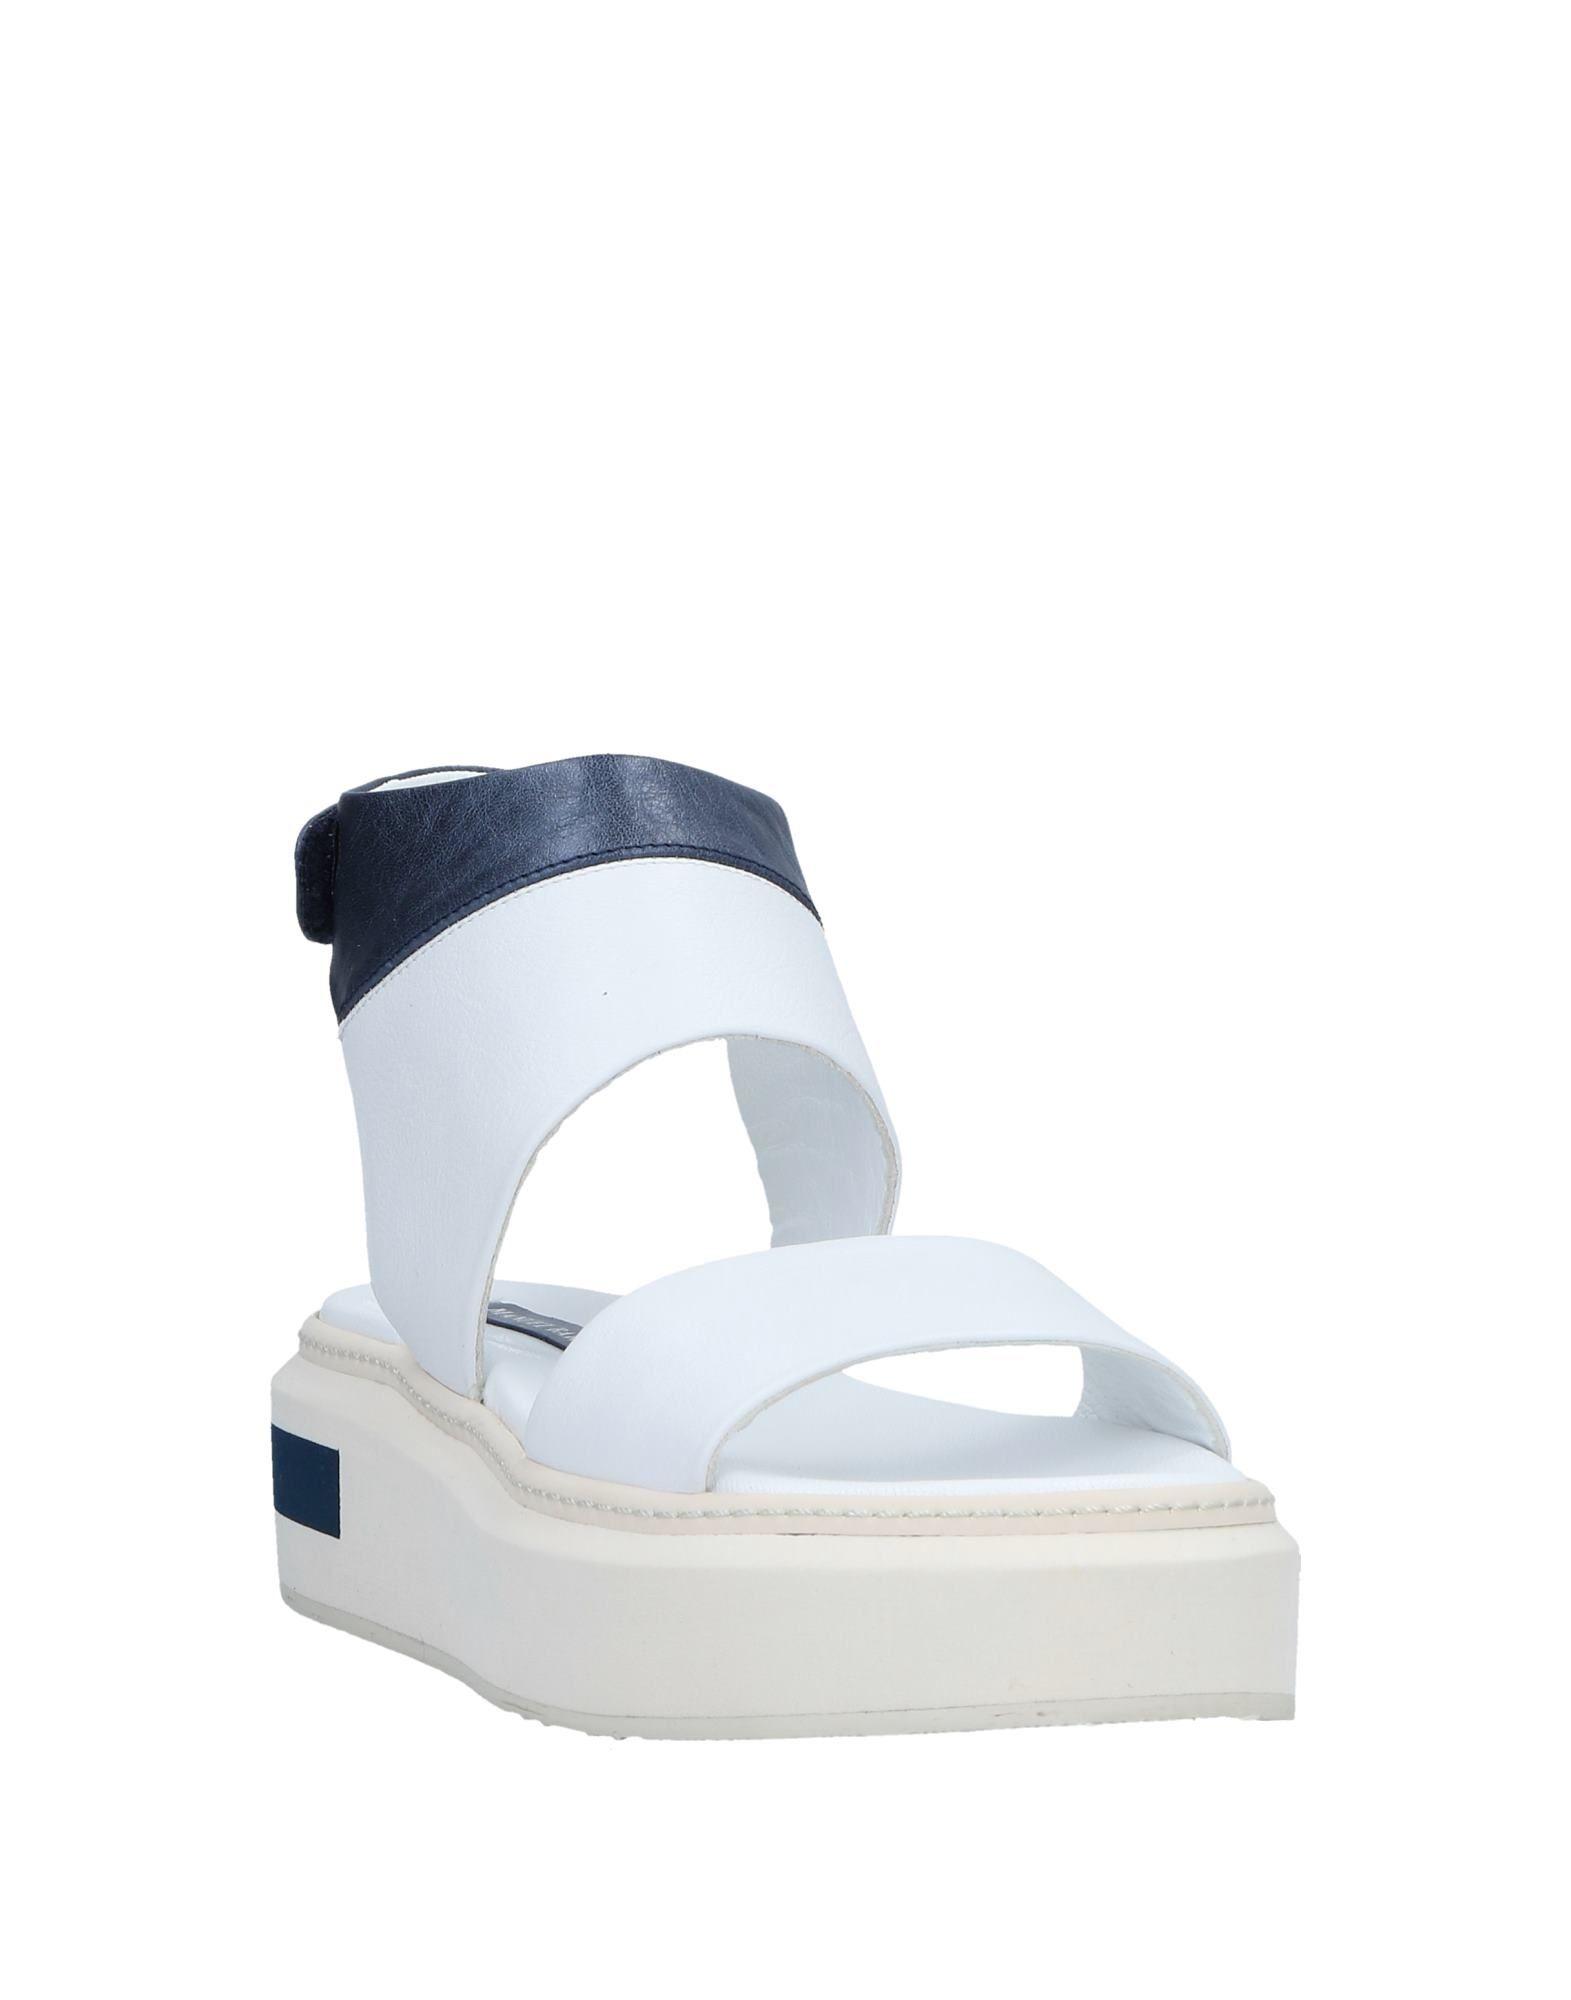 Stilvolle billige Schuhe Damen Manuel Barceló Sandalen Damen Schuhe  11534764BI d5c2dd